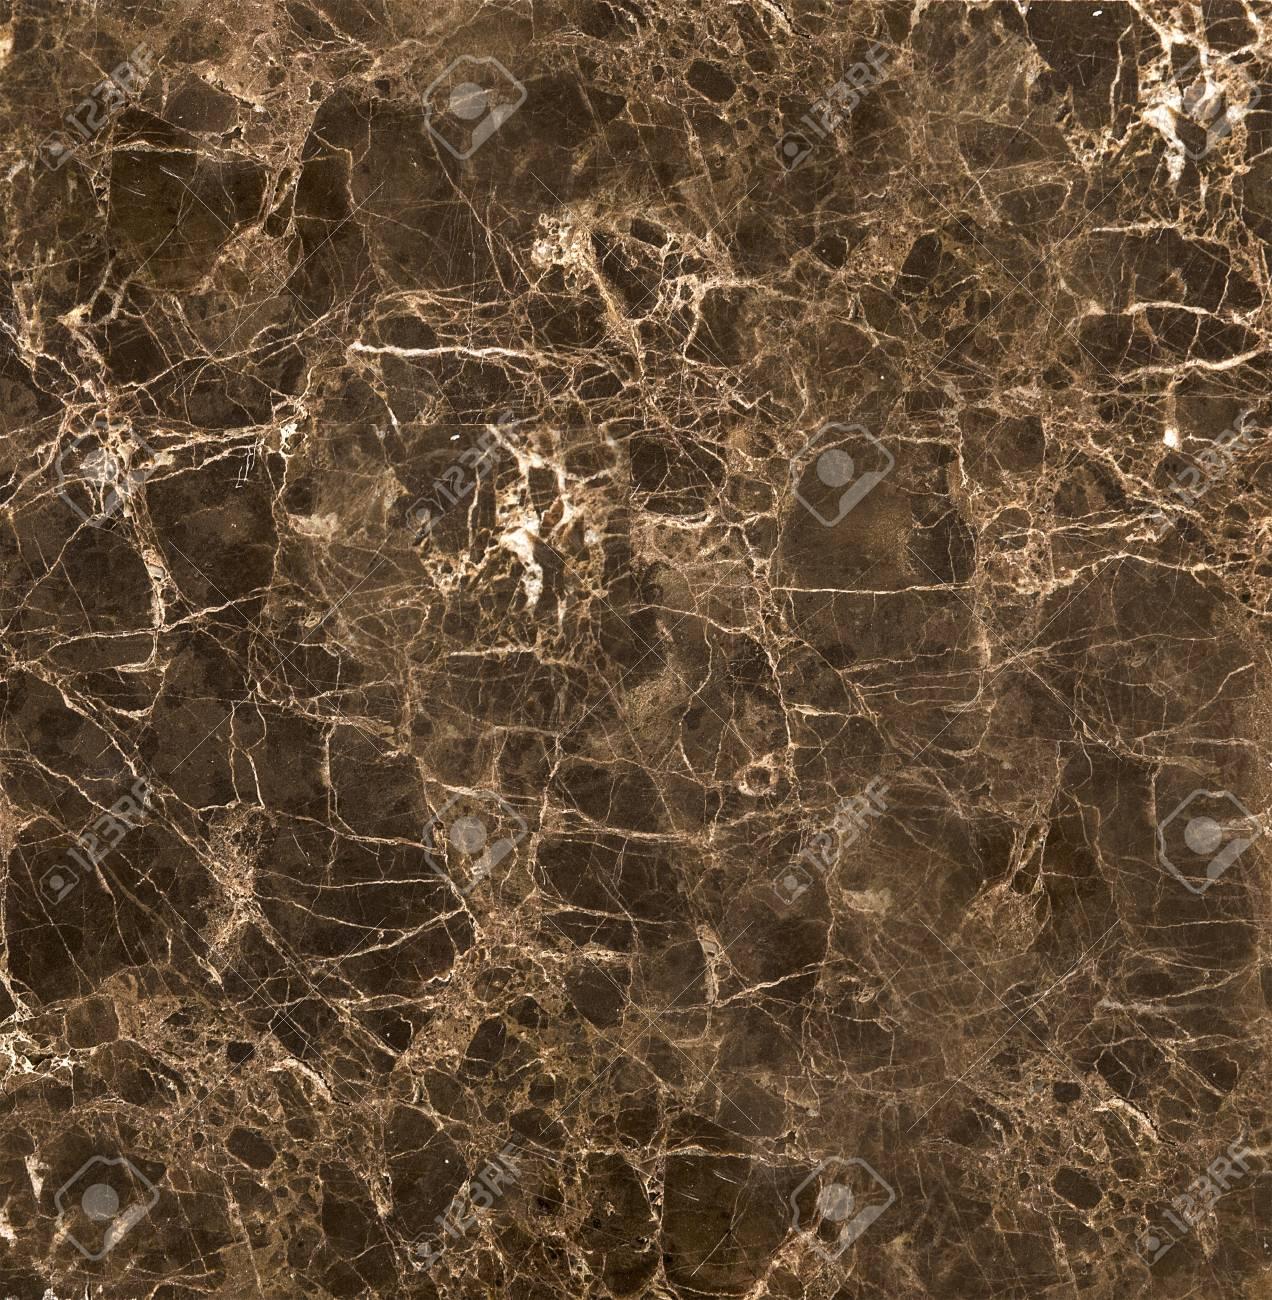 Brown Marble Papirio